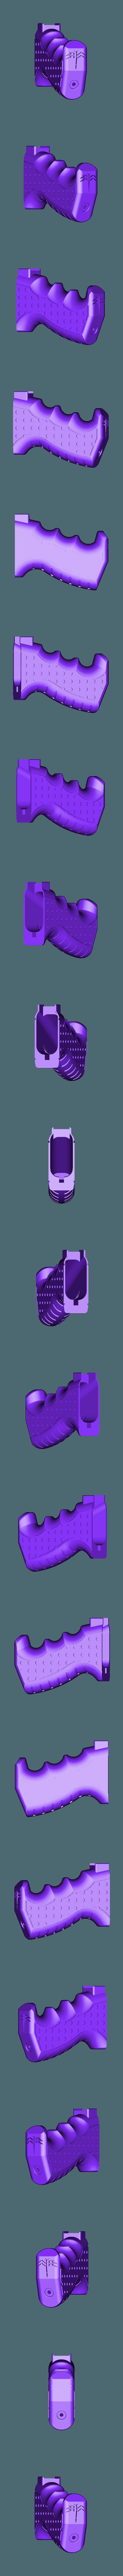 AK-GRIP.stl Download free STL file Airsoft AK74 Grip • 3D printer model, DragonflyFabrication